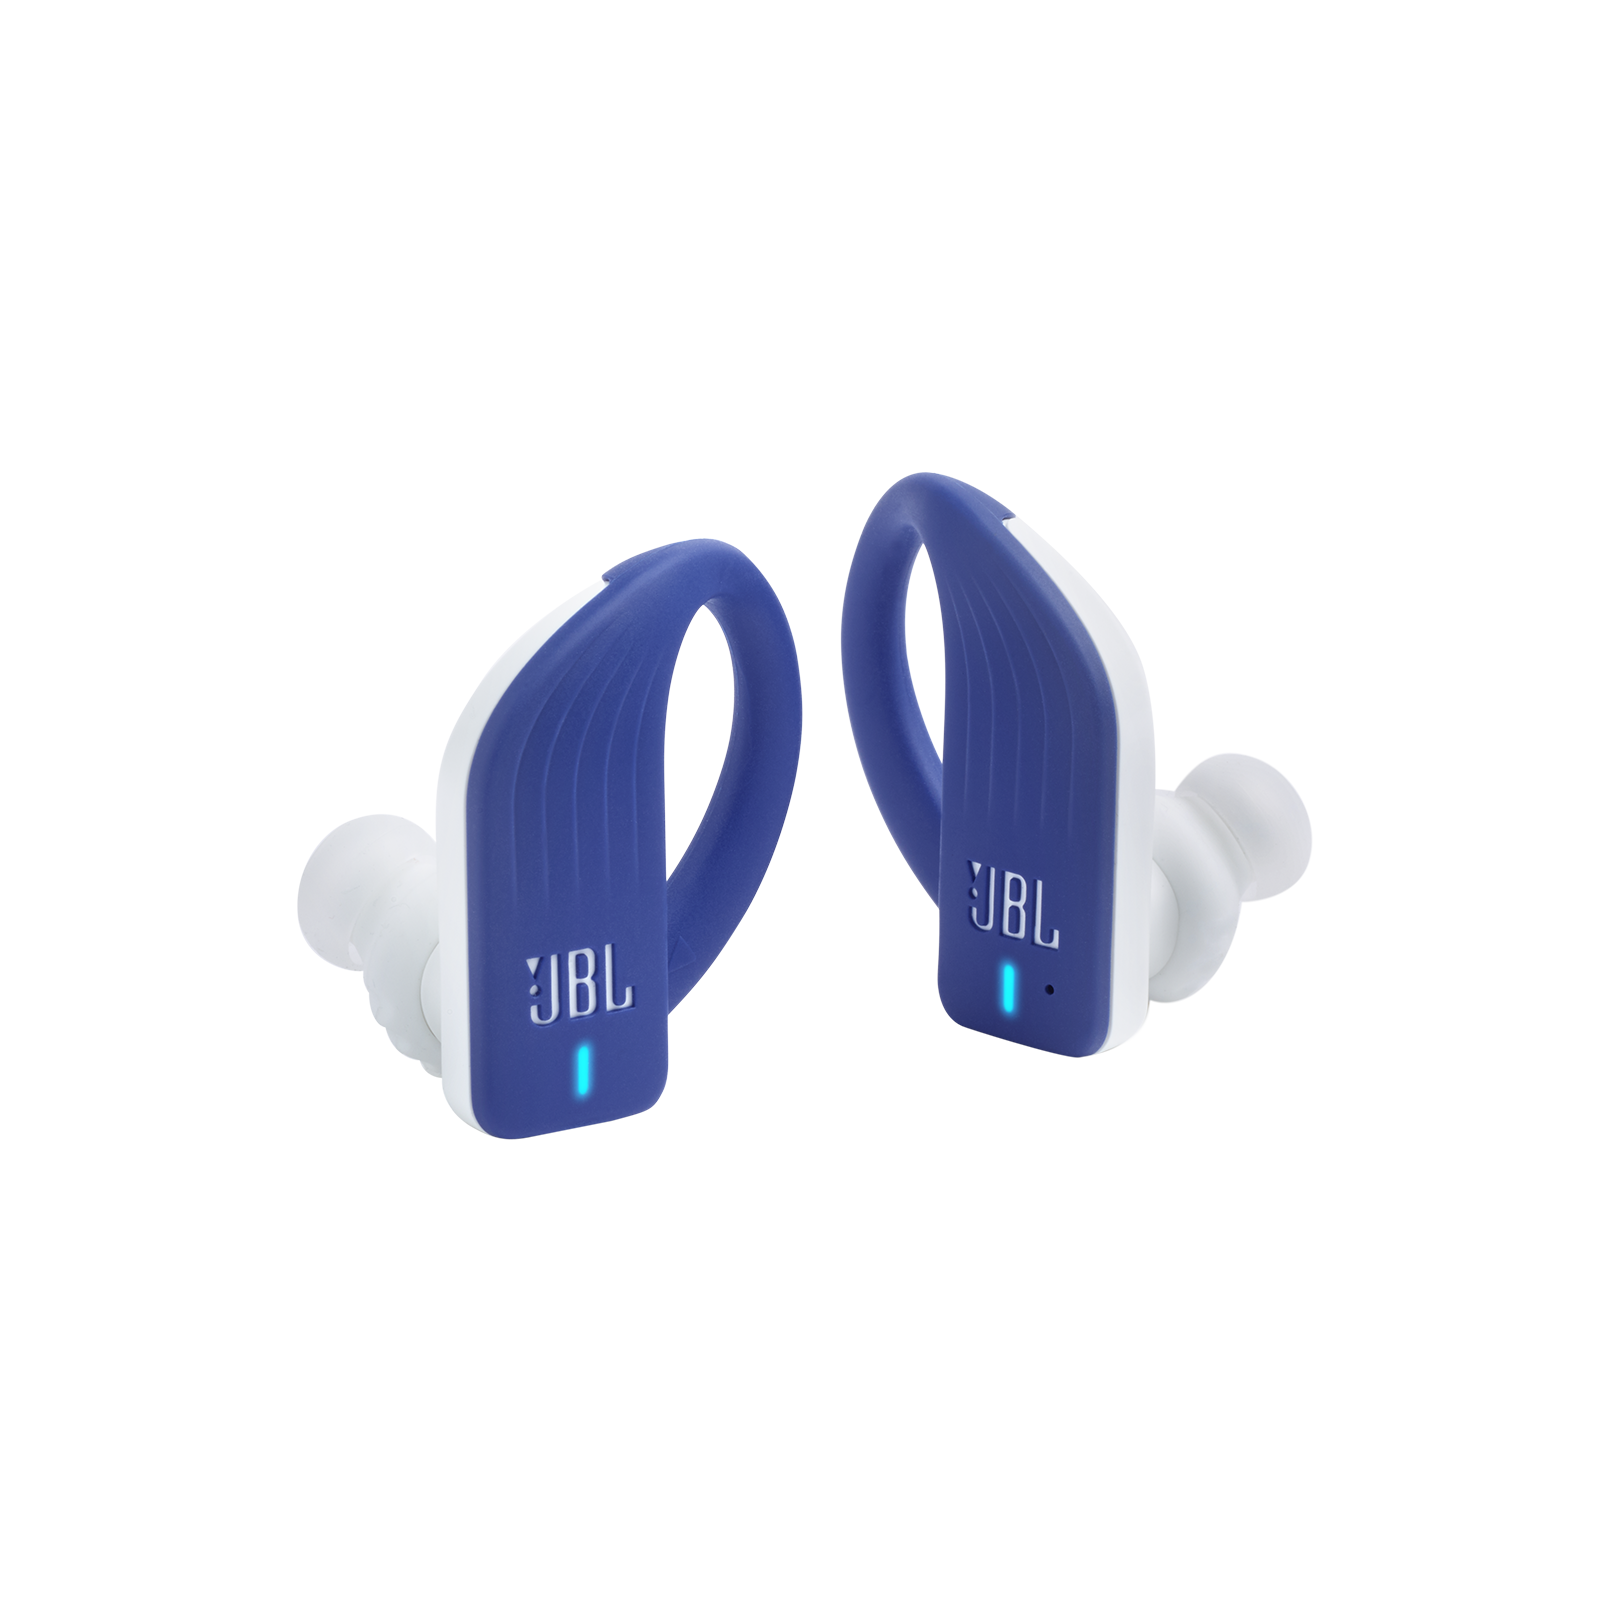 JBL Endurance PEAK - Blue - Waterproof True Wireless In-Ear Sport Headphones - Detailshot 3